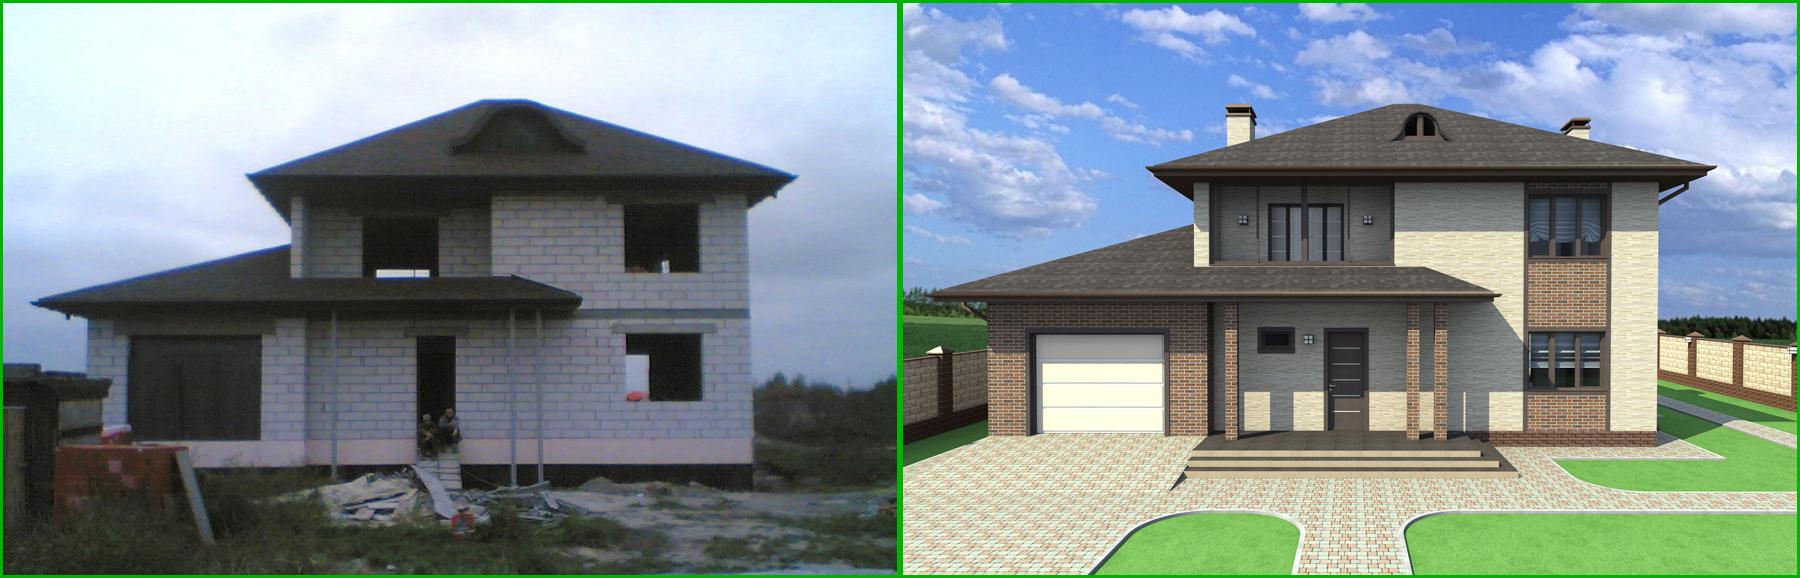 Фото Дизайн фасада дома 70 грн./м.кв (дизайн-проект экстерьера). 2